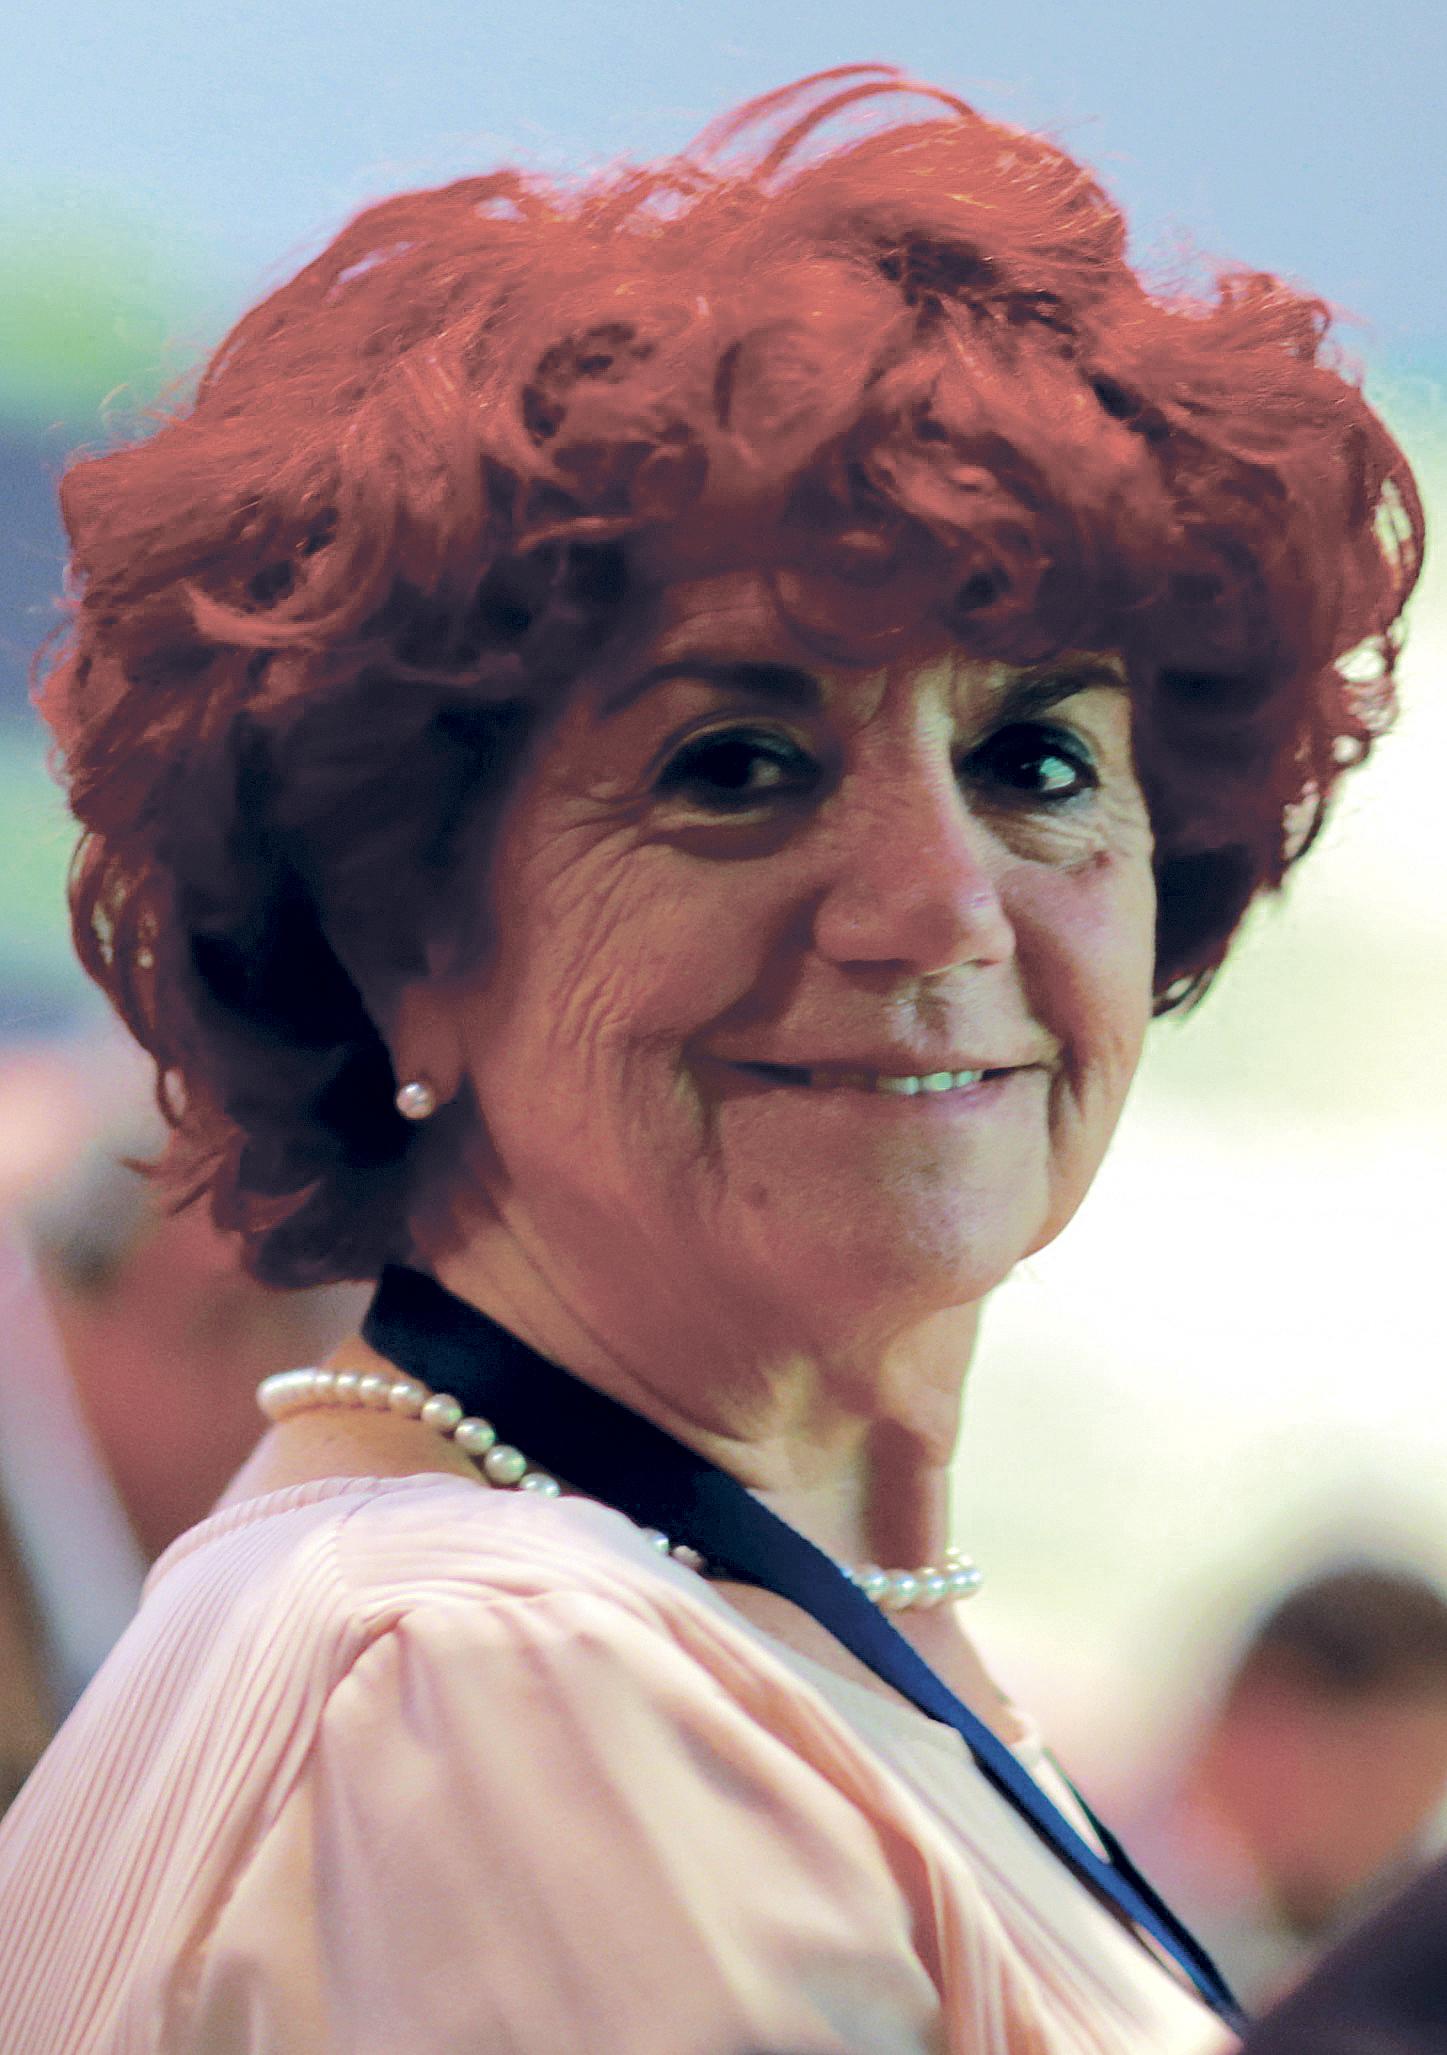 NotizieScuola.it - Ministra Fedeli